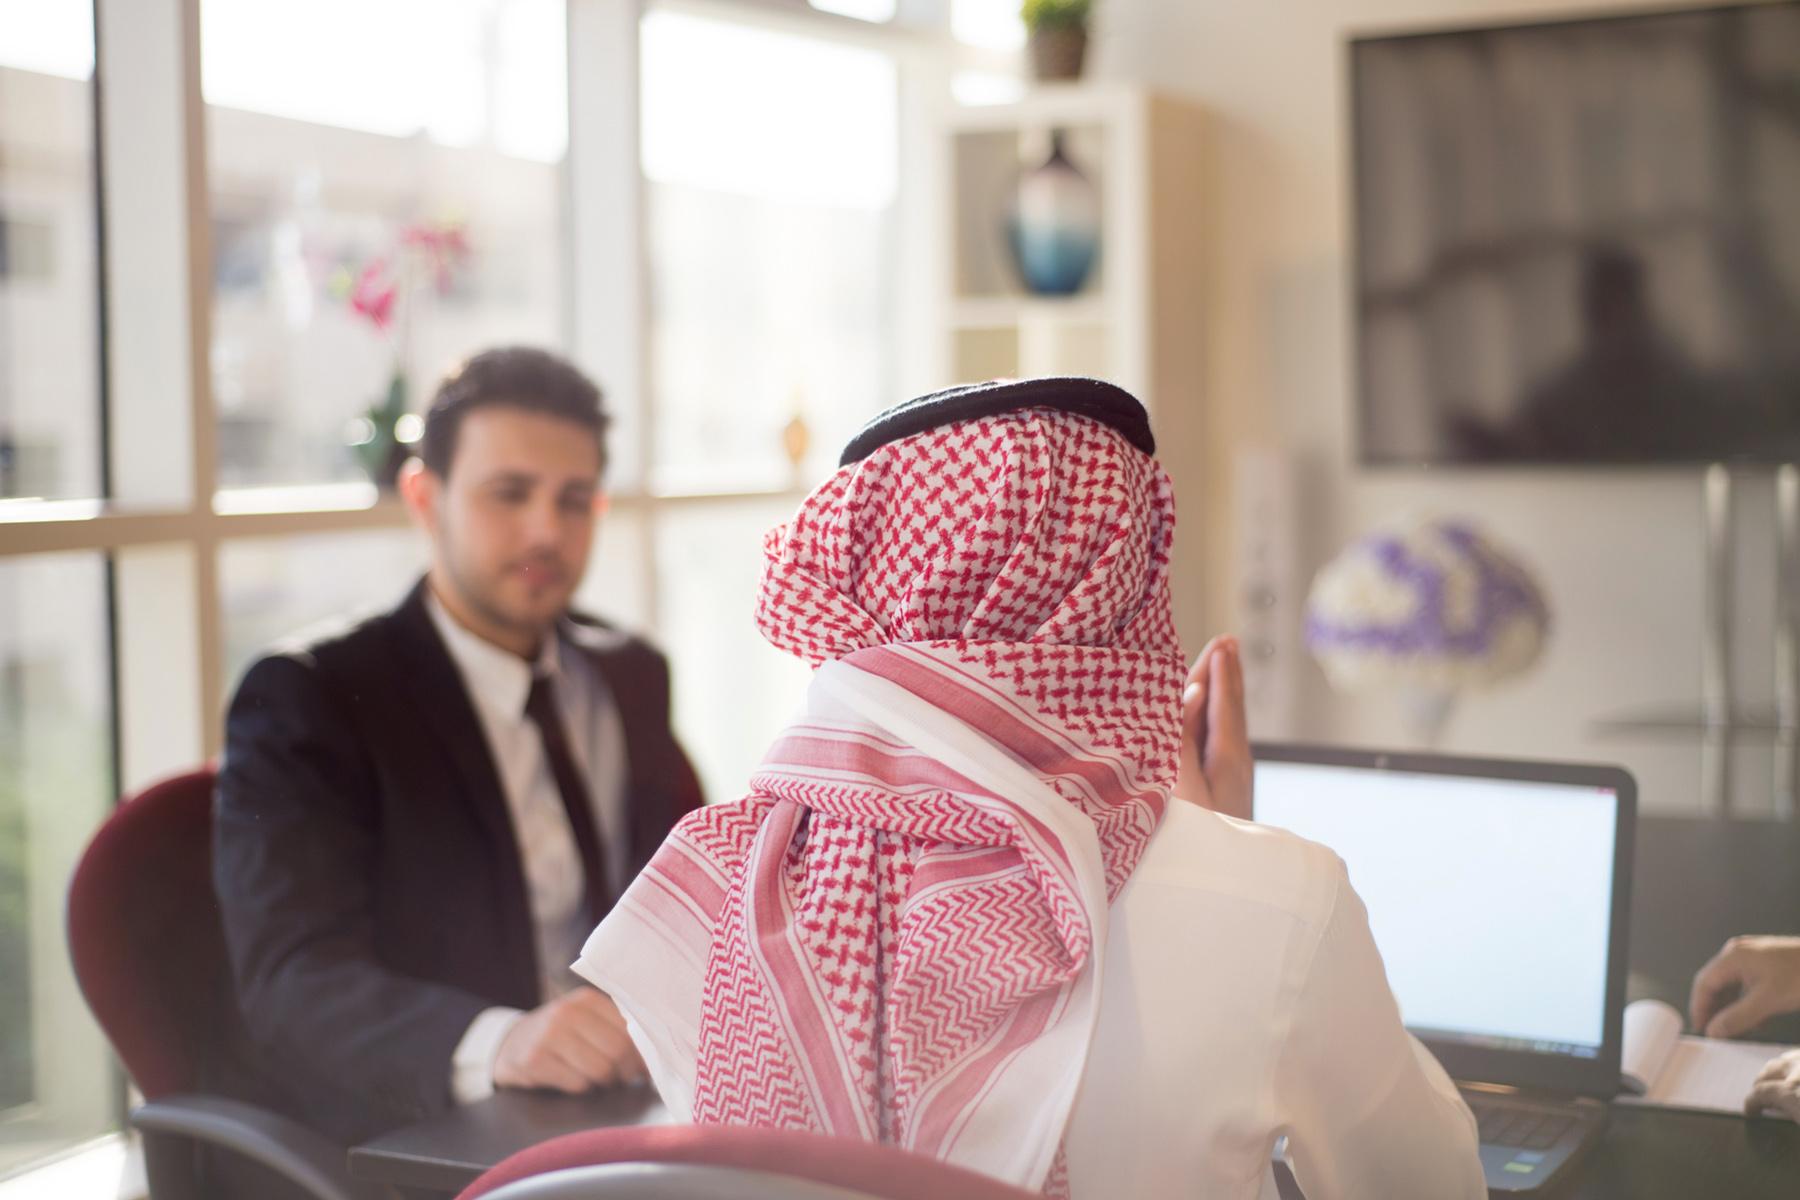 Business meeting in Saudi Arabia